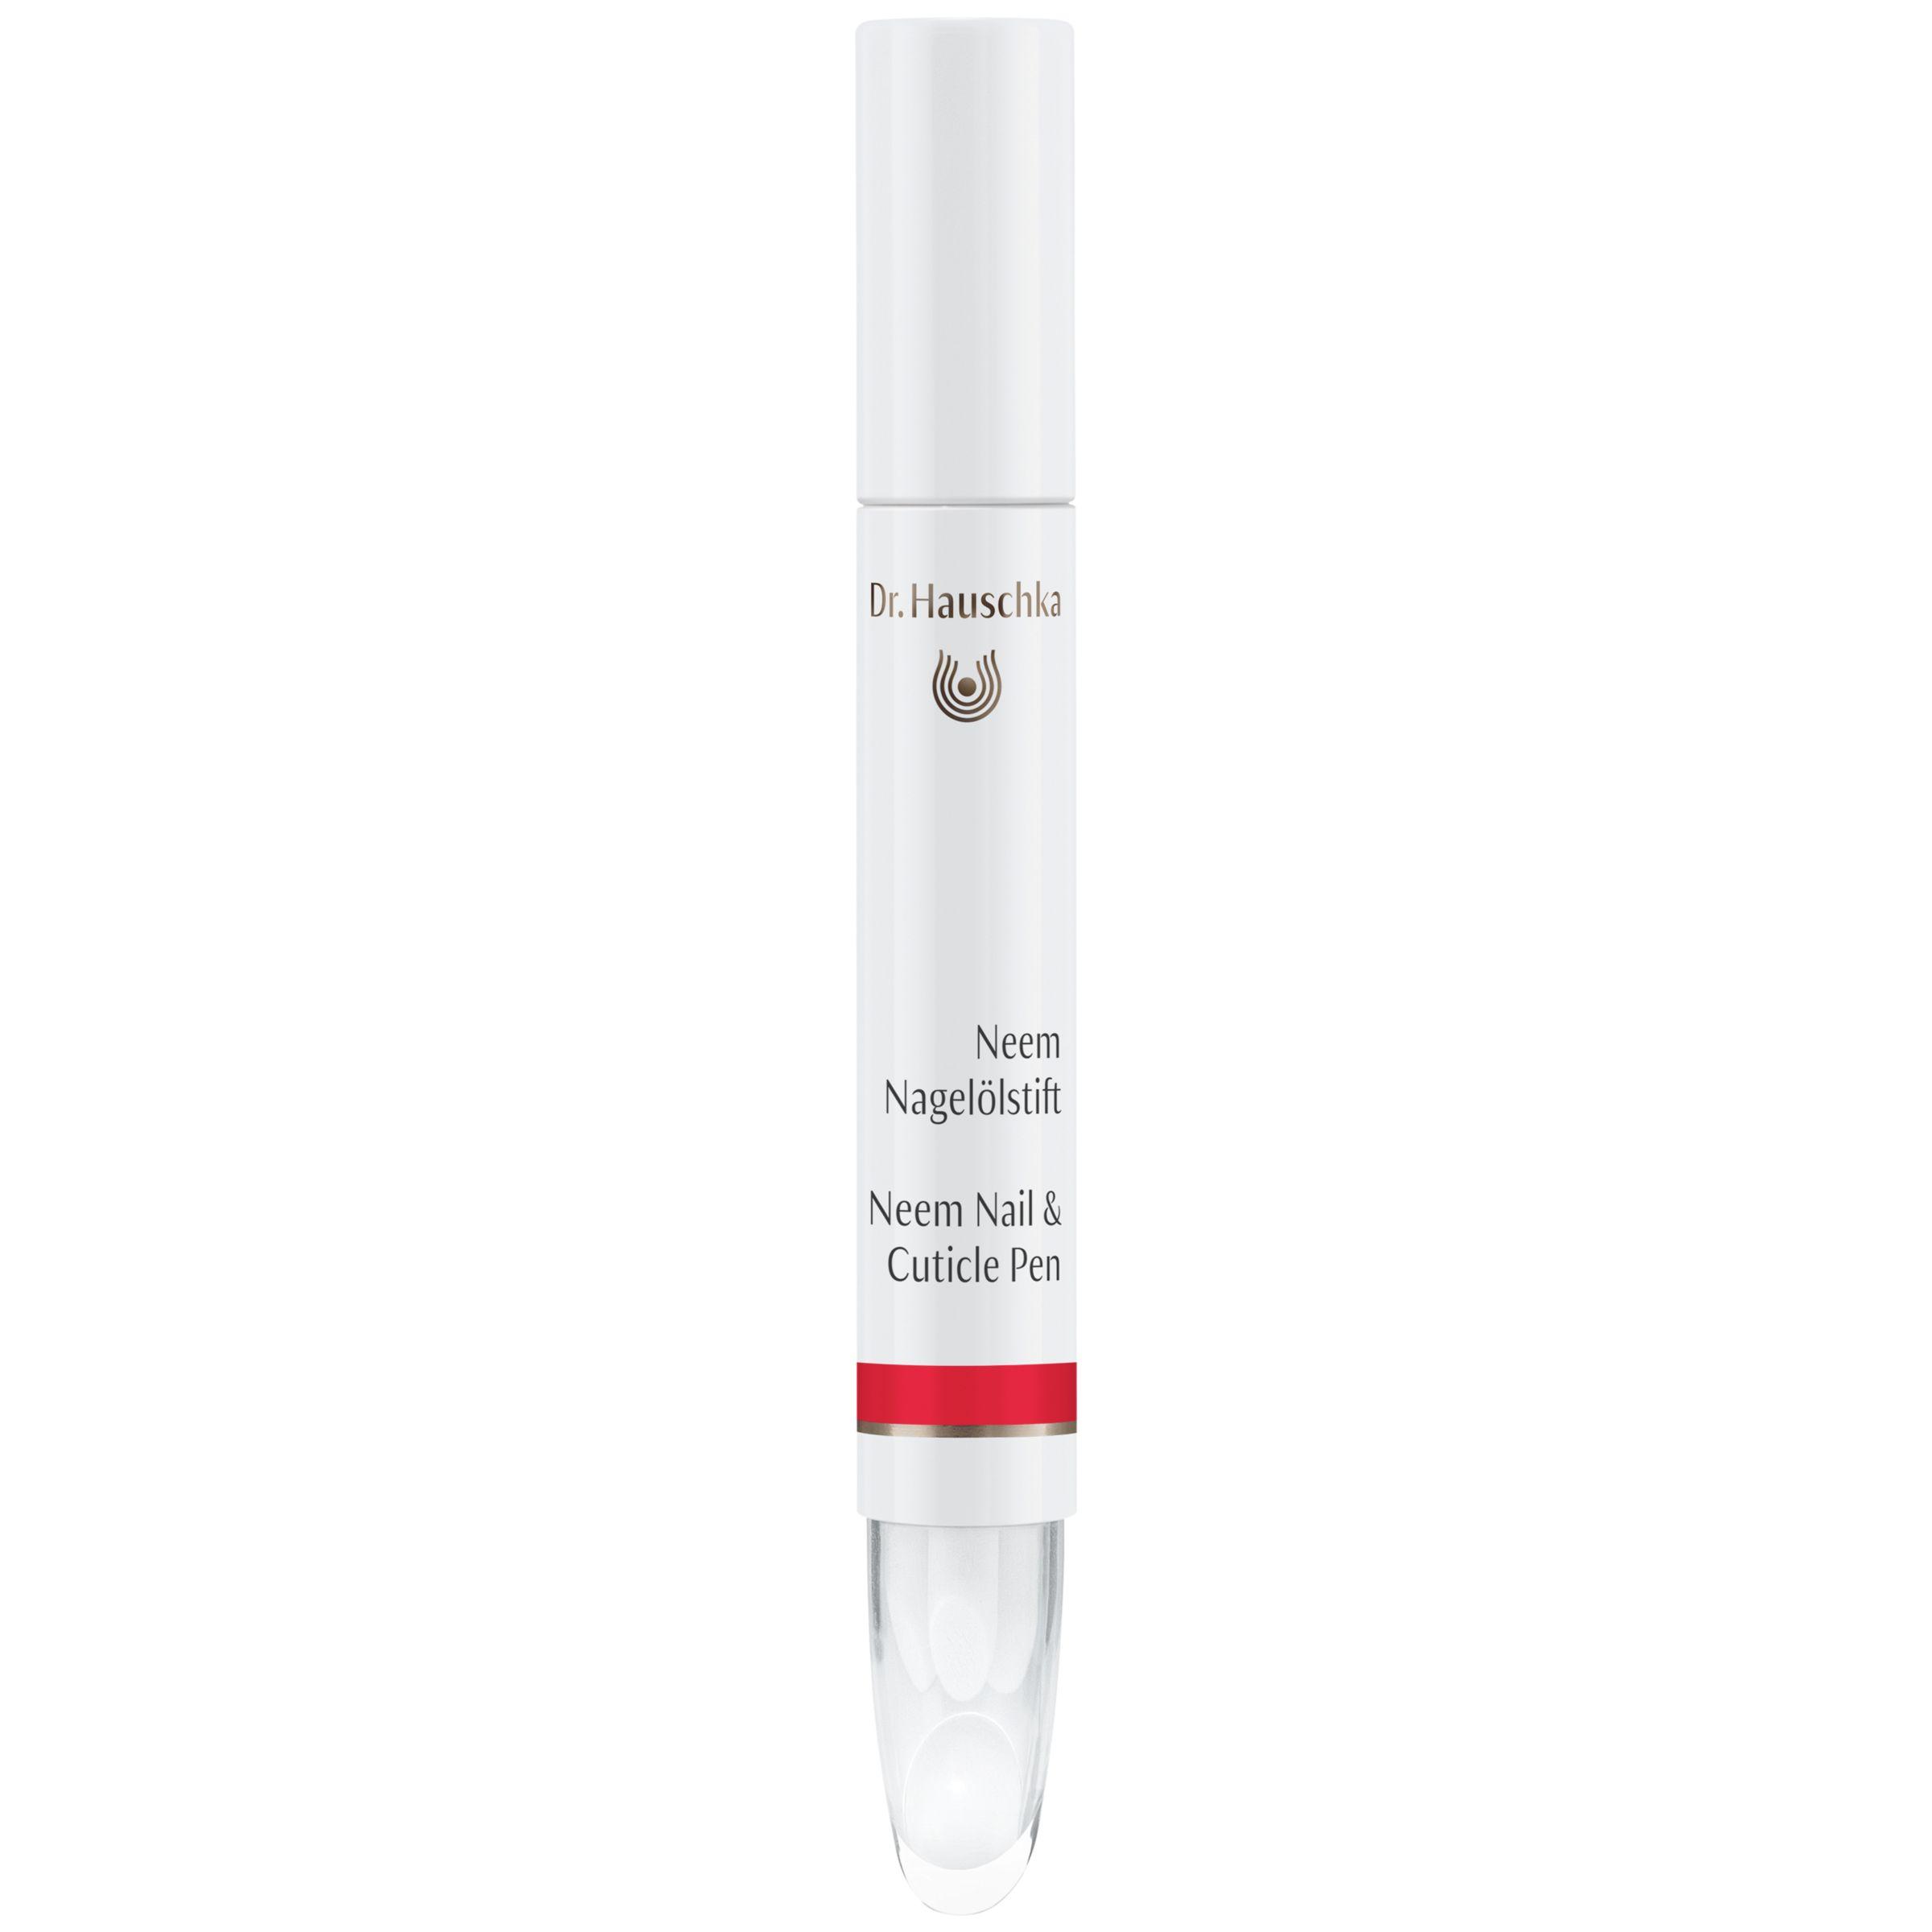 Dr Hauschka Dr Hauschka Neem Nail Oil Pen, 4ml